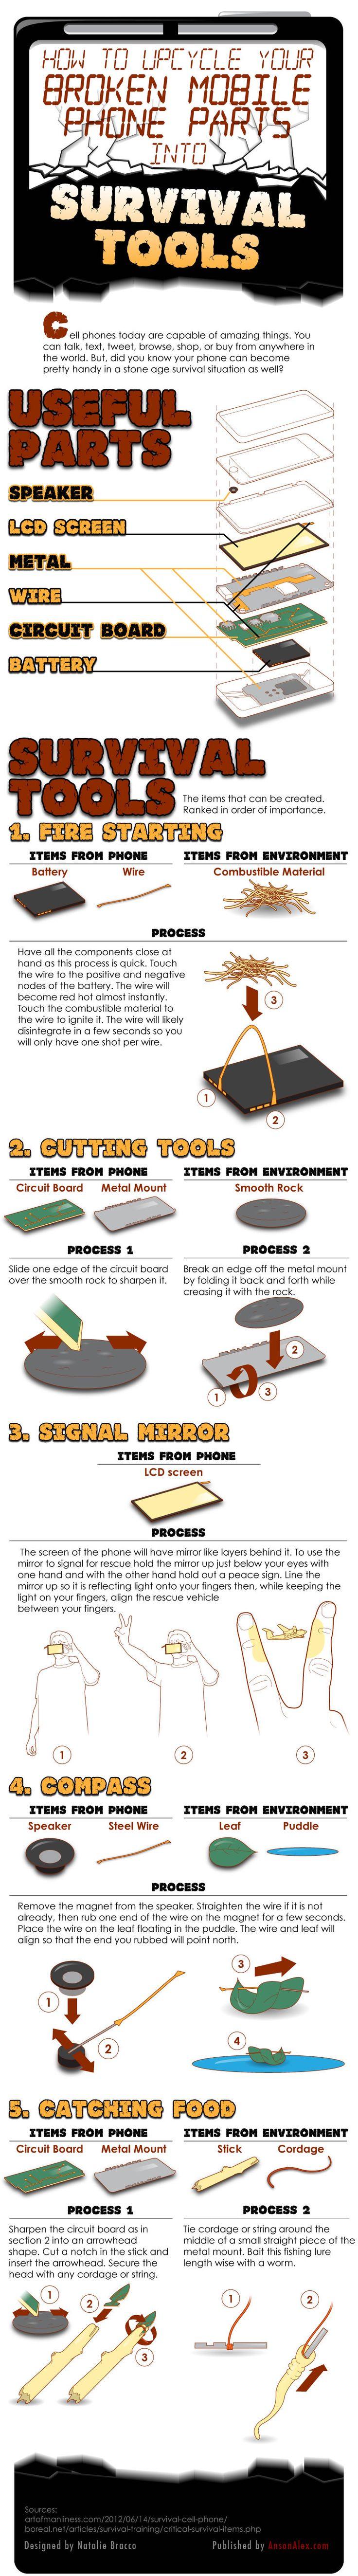 Cómo Utilizar las Piezas del Teléfono Móvil Roto Como Herramientas de Supervivencia [infografía]